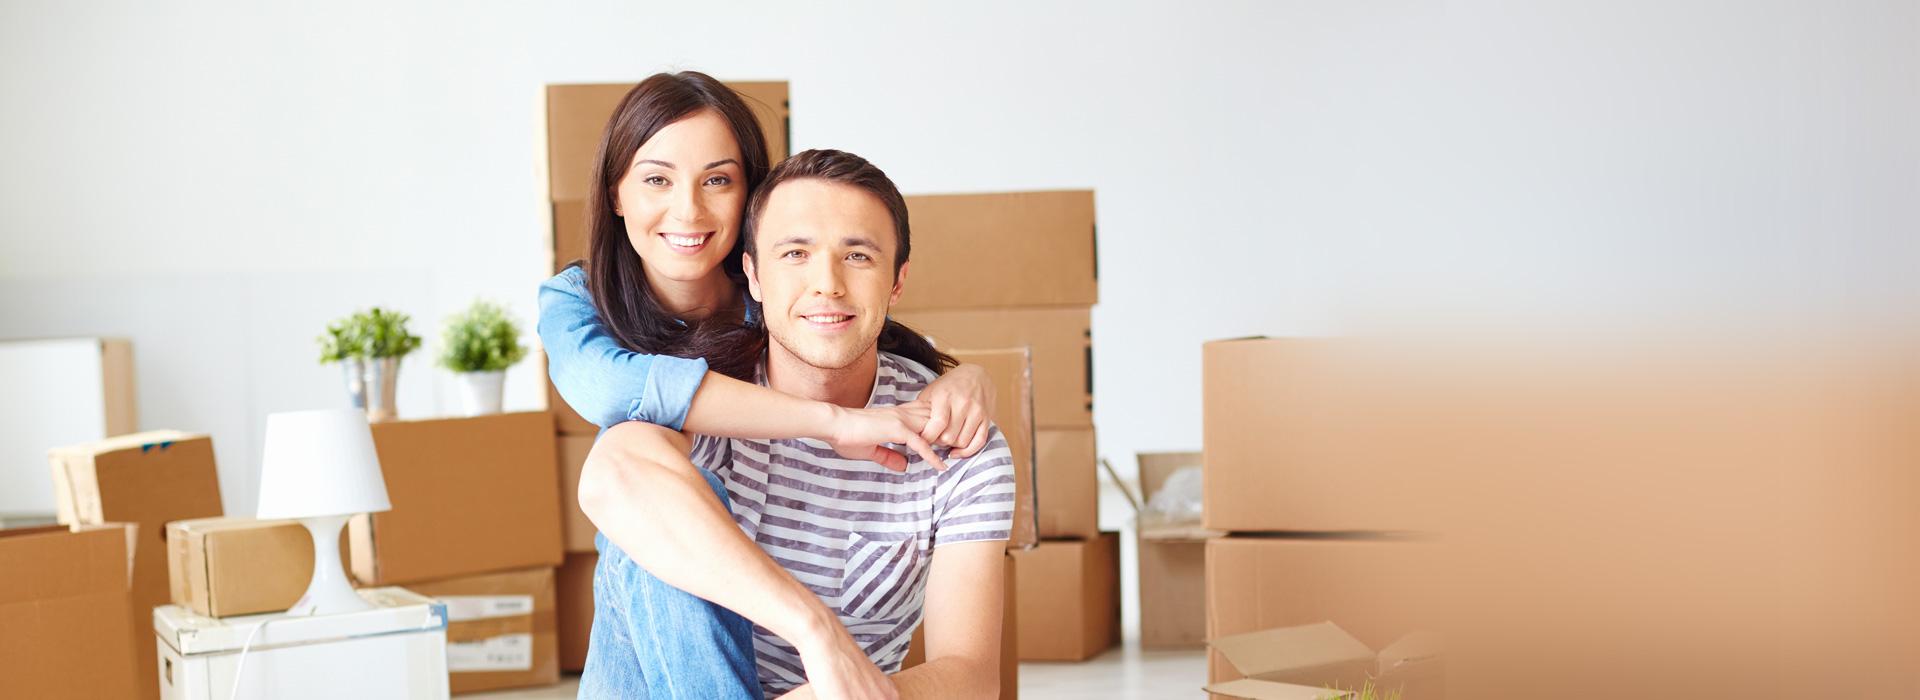 Gestión inmobiliaria integral